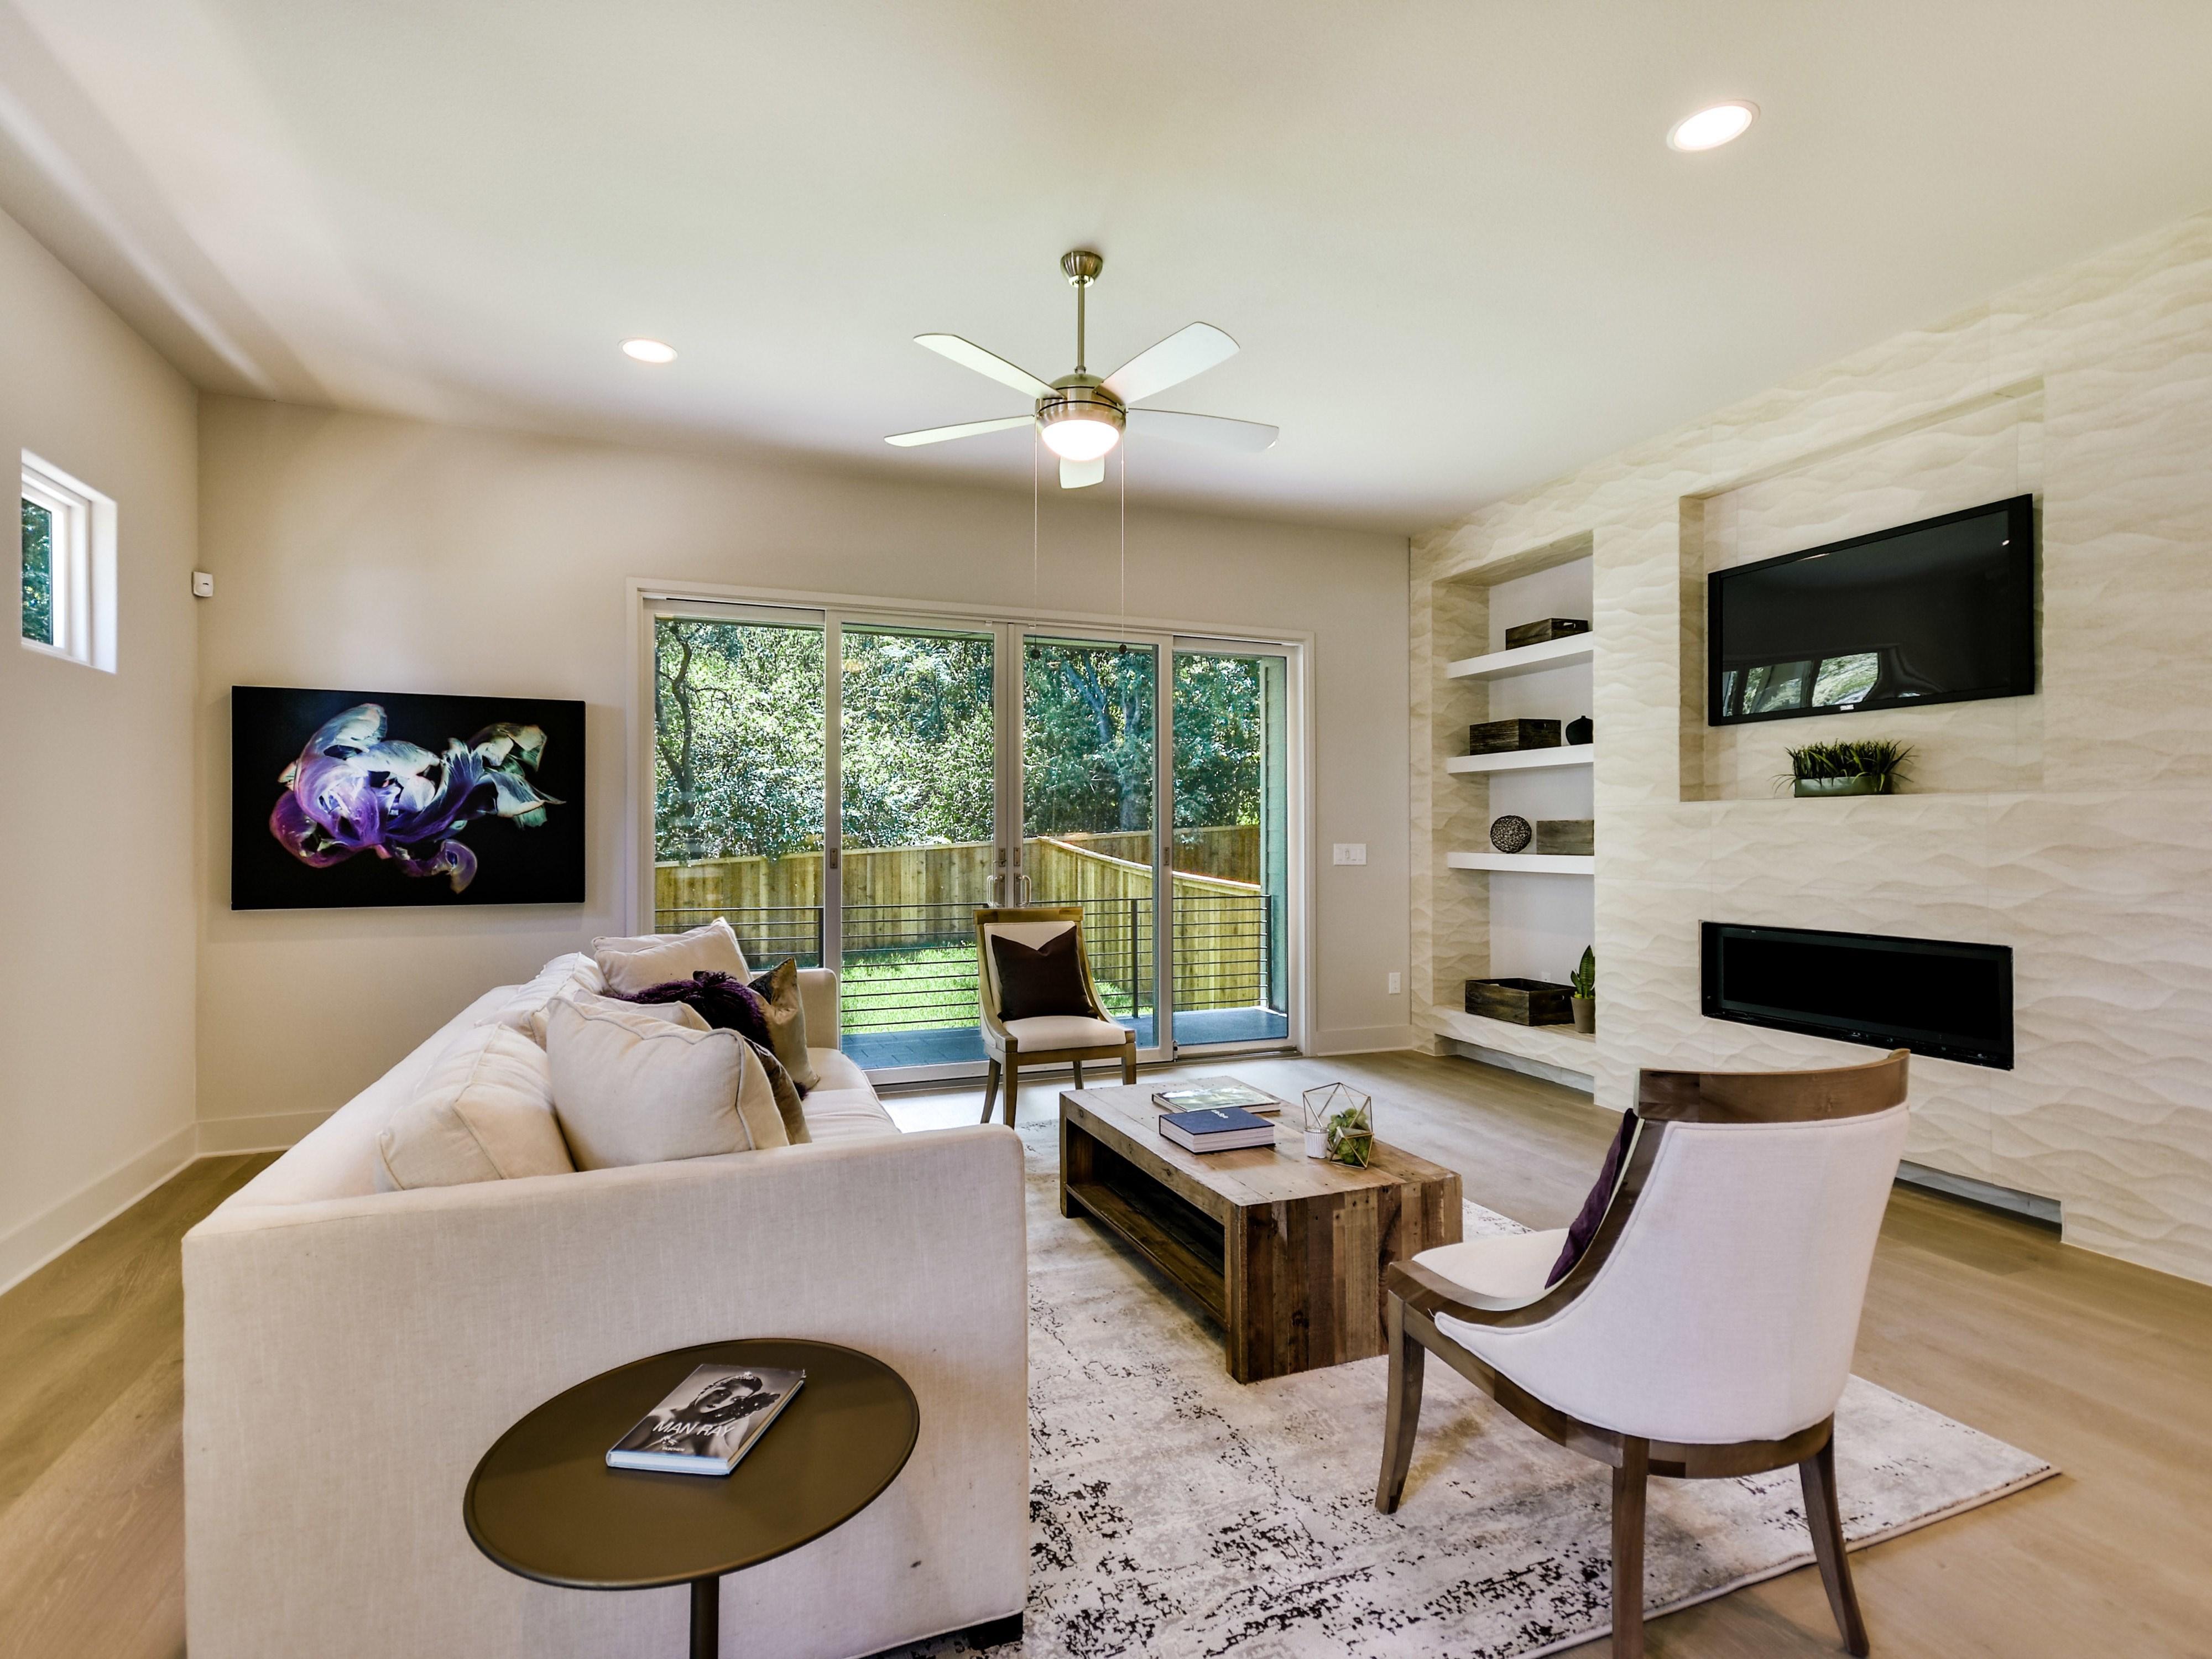 Austin Interior Design_Living Room Design